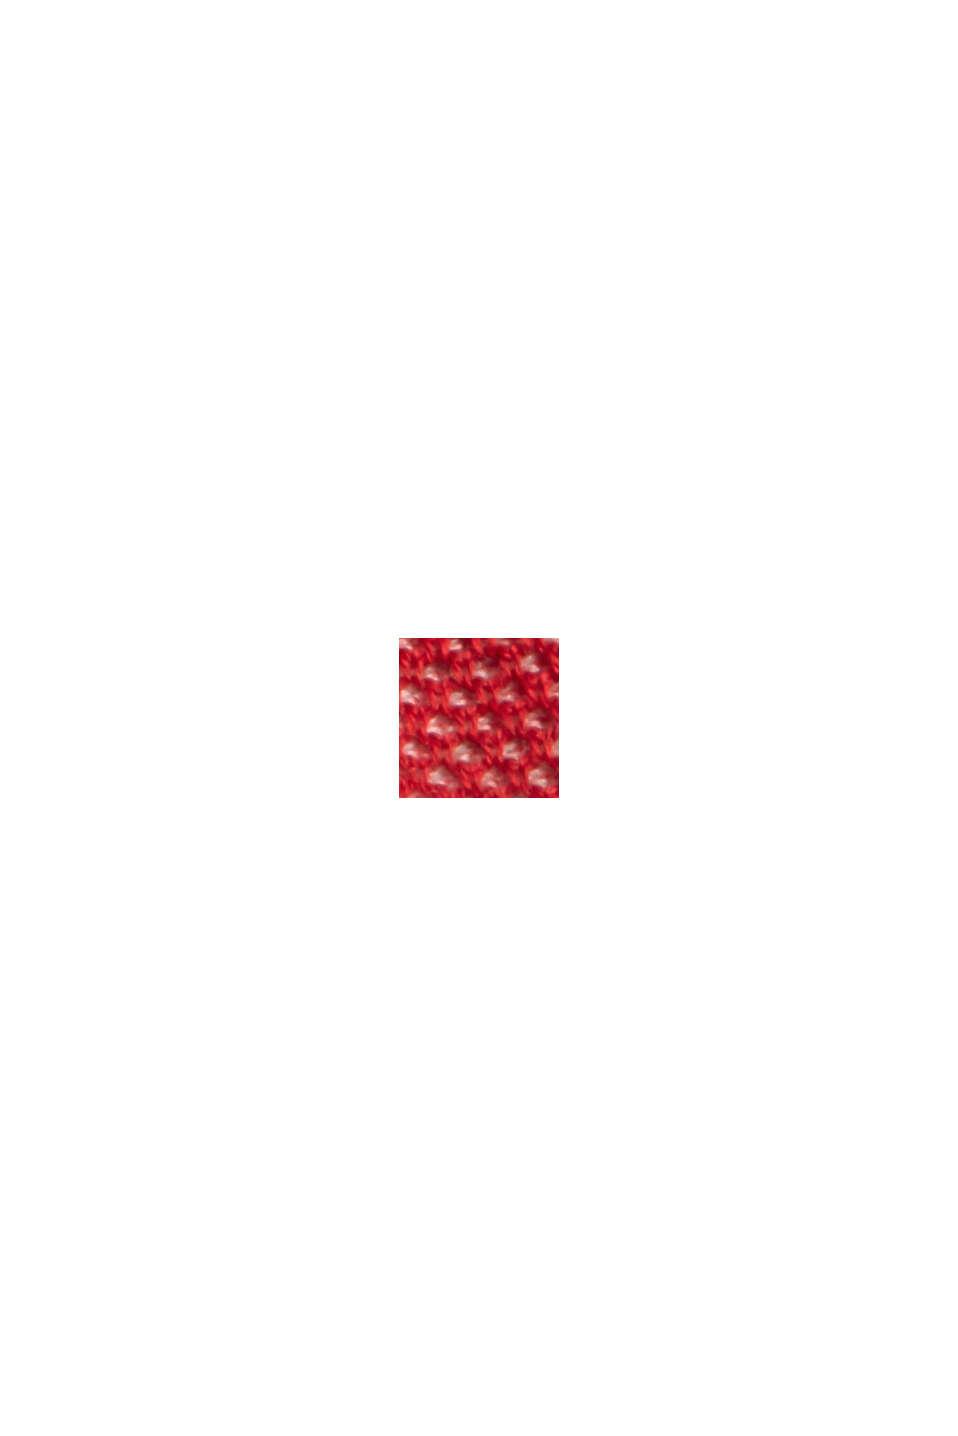 Pull-over à chauve-souris, 100% coton biologique, RED, swatch